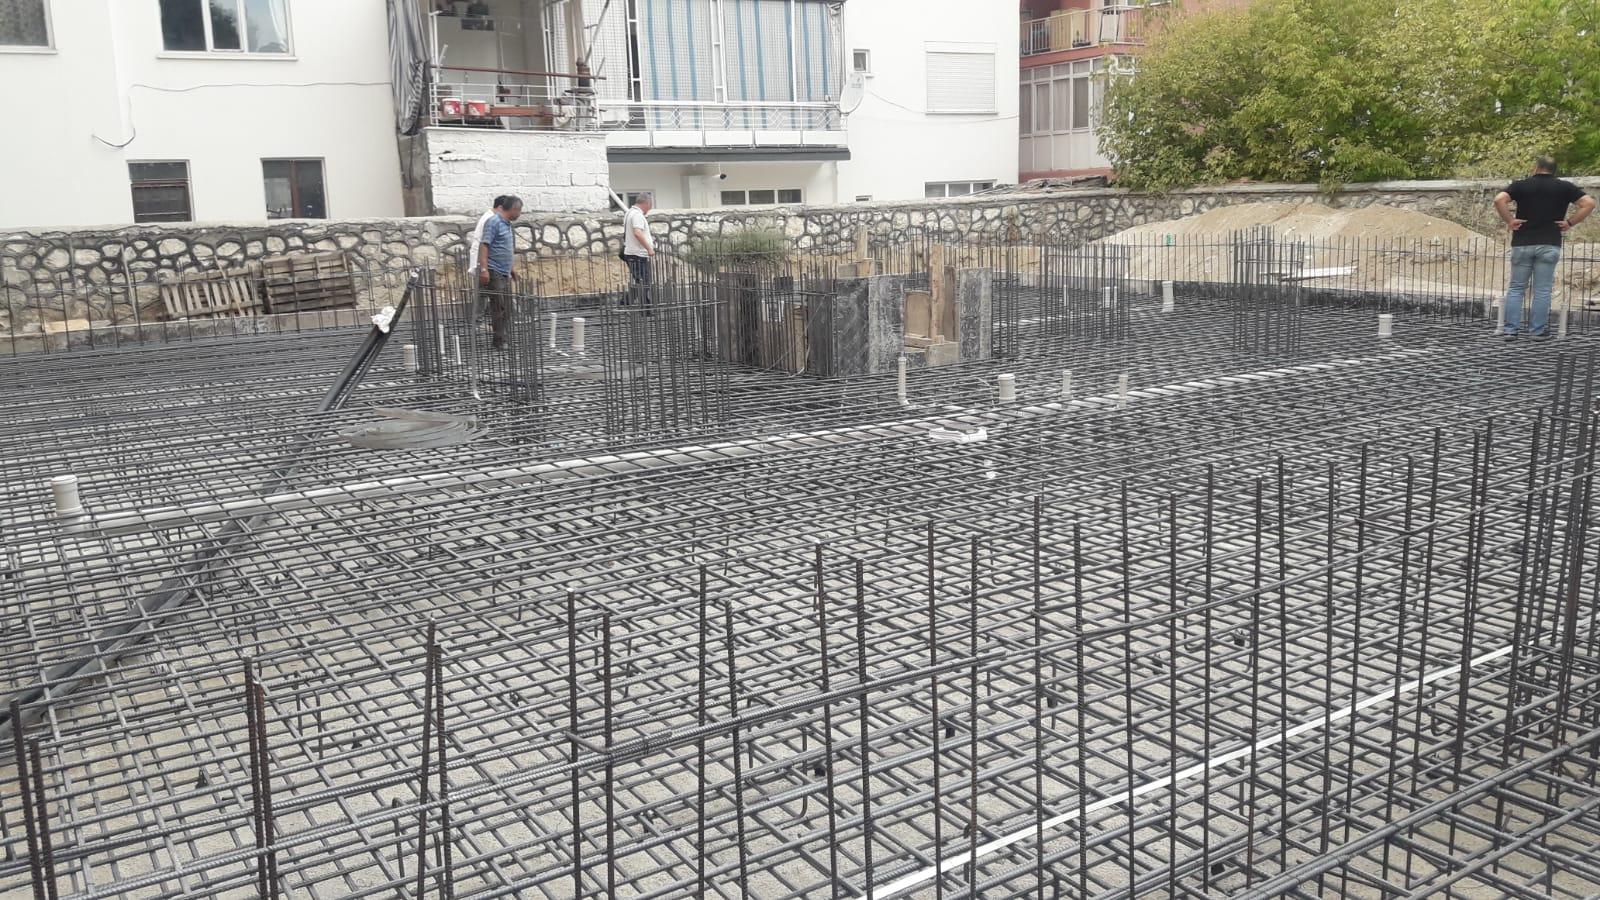 Yapı denetimi ve yapı malzeme şubemizce ilimizde faaliyet gösteren yapı denetim firmalarının şantiye denetimlerine devam edilmektedir